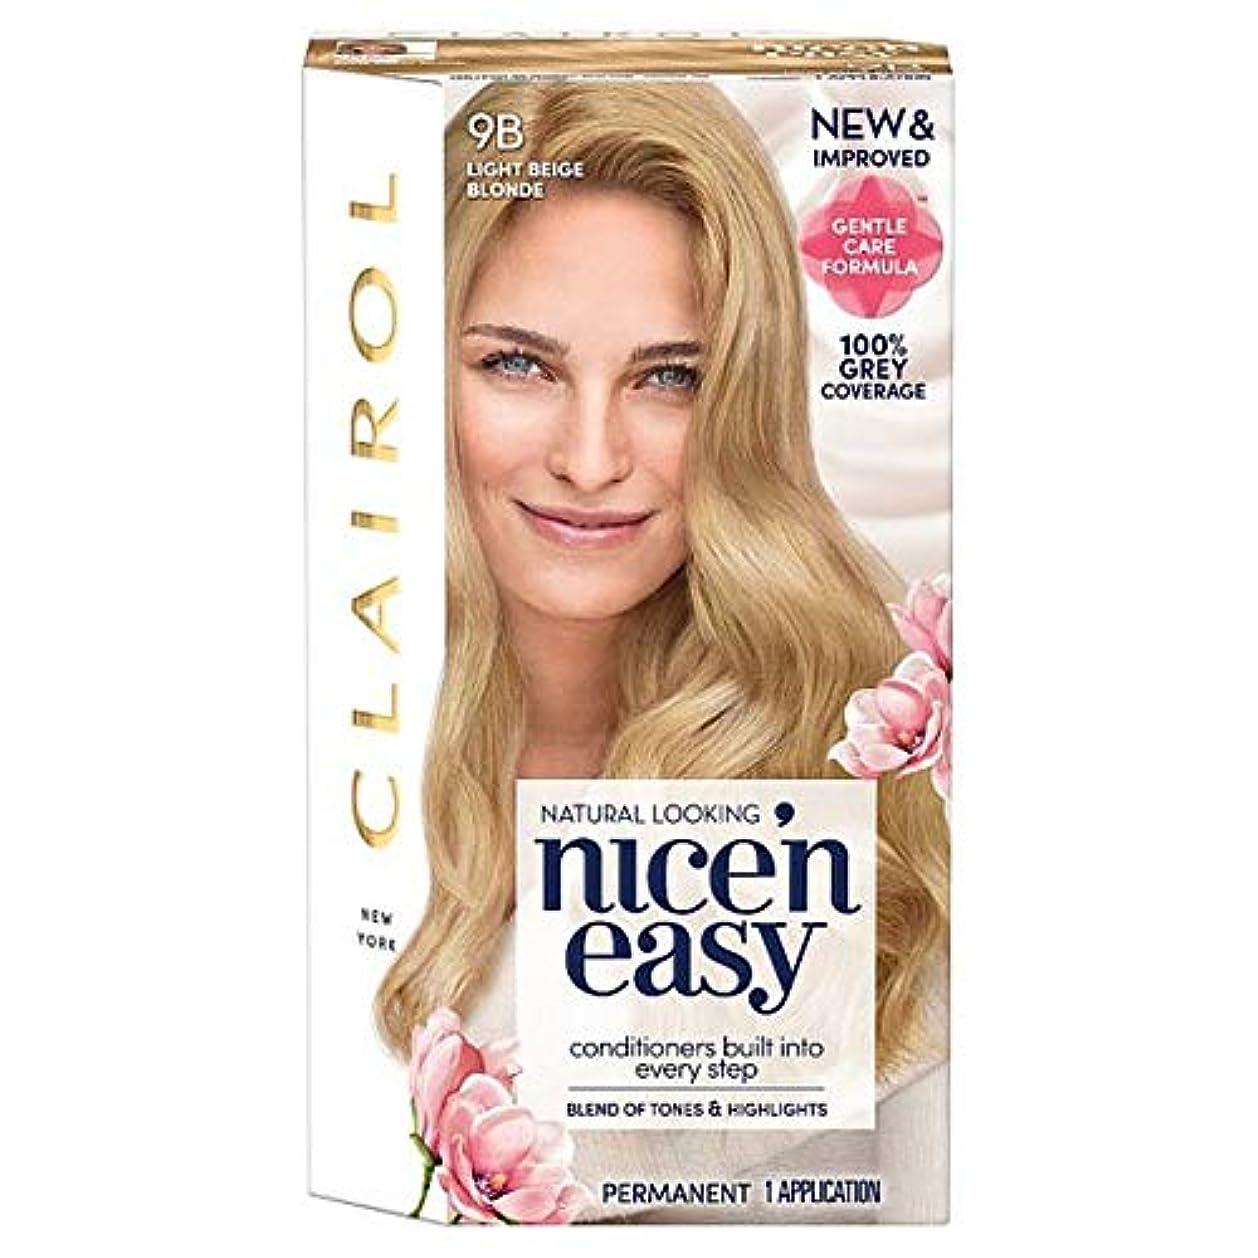 しゃがむ対角線ラッチ[Nice'n Easy] クレイロール素敵な「N簡単にライトベージュブロンド9Bの染毛剤 - Clairol Nice 'N Easy Light Beige Blonde 9B Hair Dye [並行輸入品]